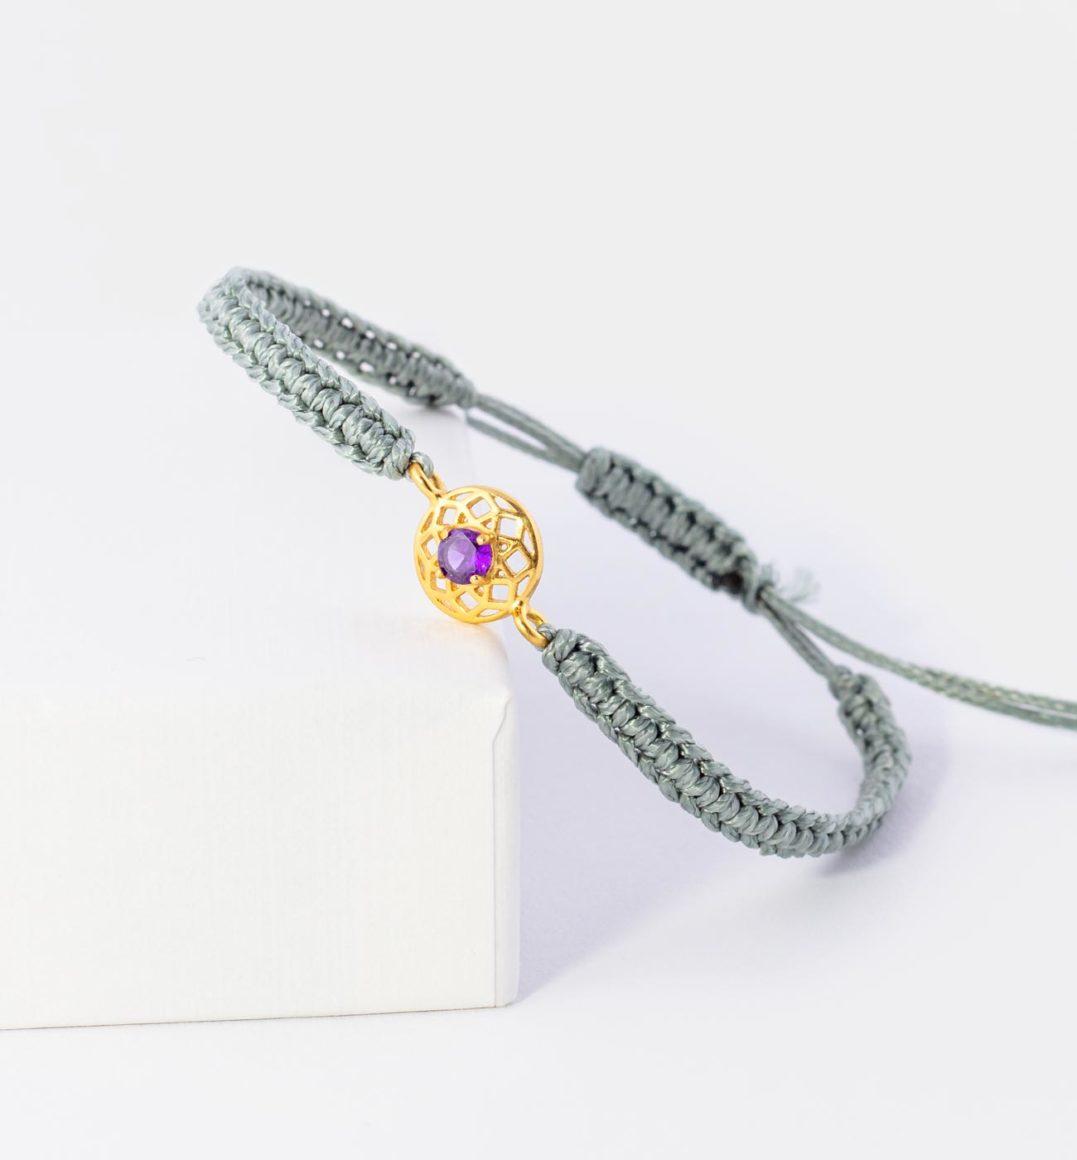 Kronenchakra Armband aus Baumwolle mit Mandala aus 925er Sterling Silber und Zirkonia Amethyst